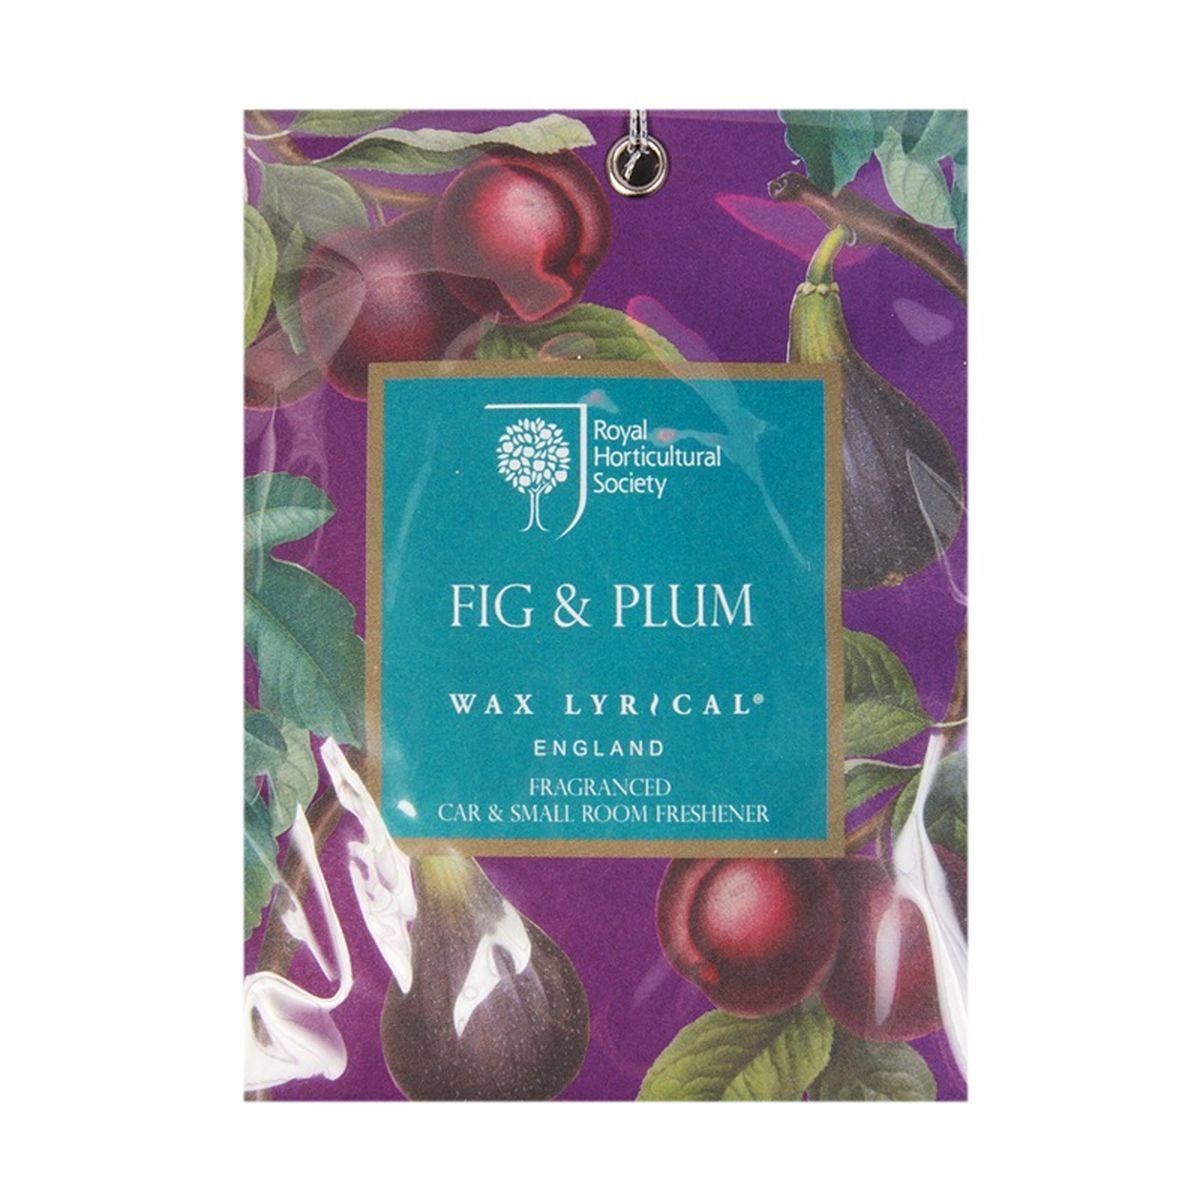 Мини-саше ароматические Wax Lyrical Инжир, 20 гa030041Мини-саше ароматические Wax Lyrical Инжир имеет сочный аромат инжира с оттенком мирабельской сливы и спелого абрикоса на основе нежных и теплых специй.